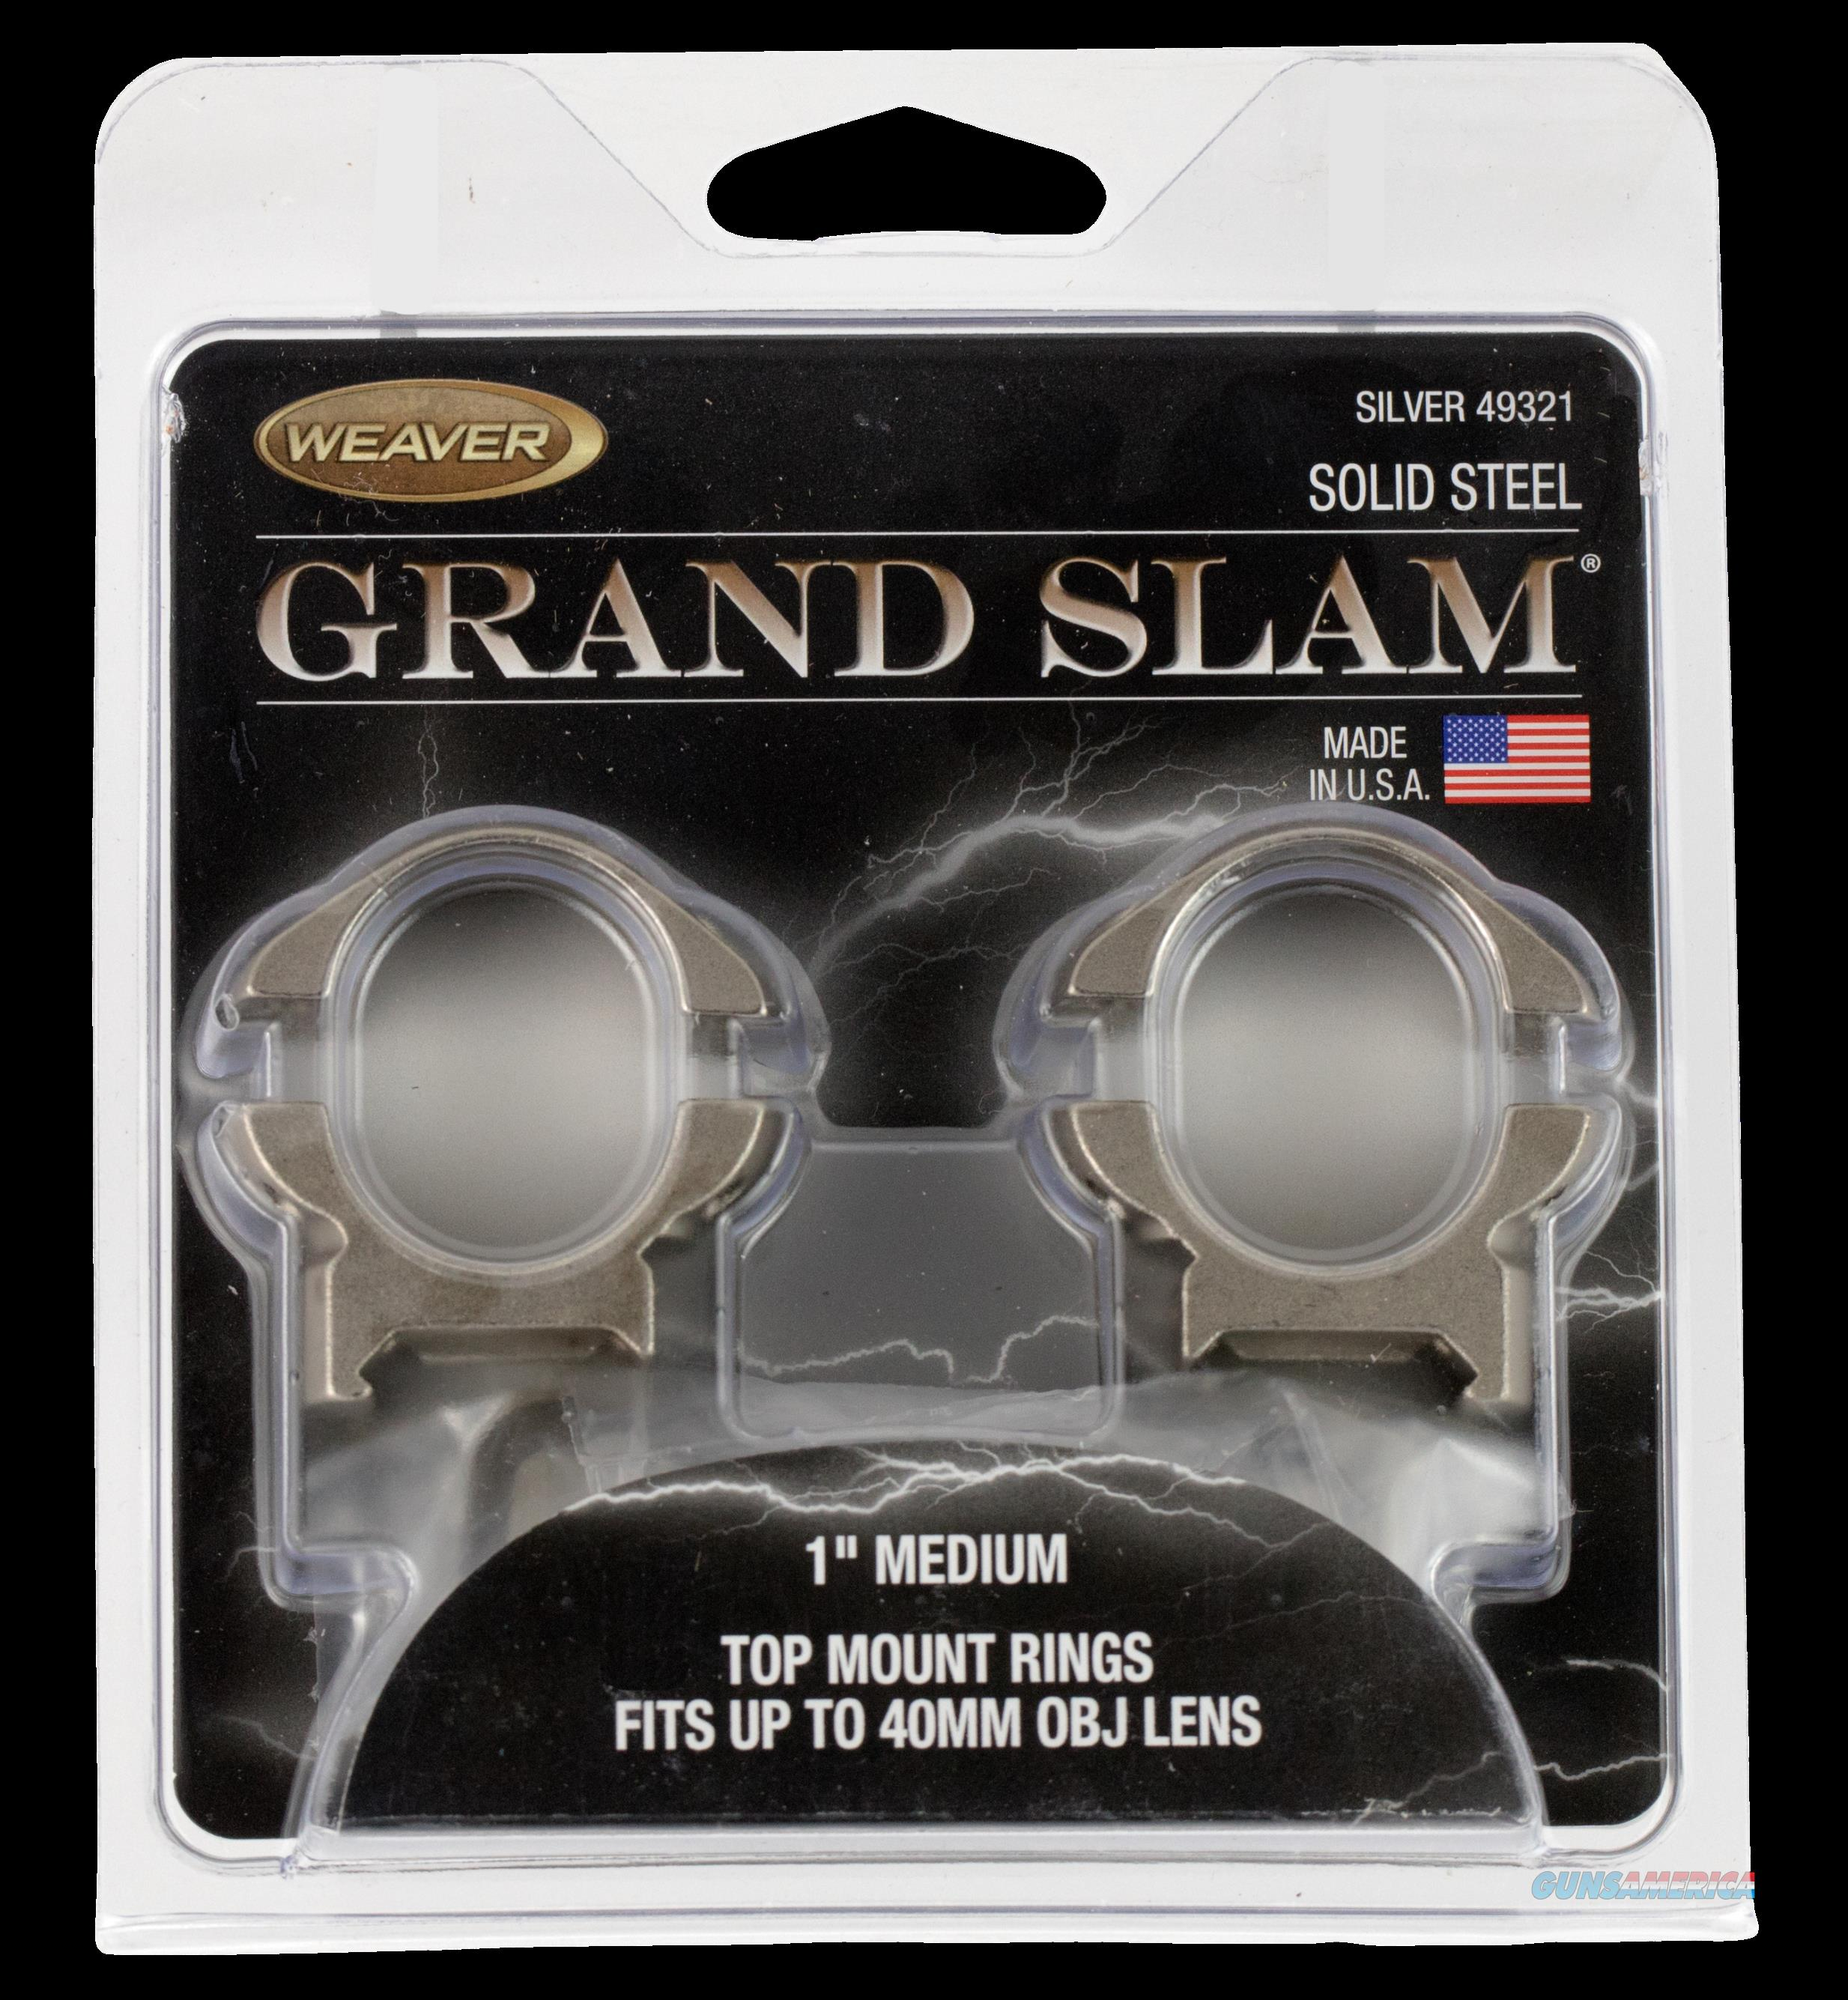 Weaver Mounts Grand Slam, Weav 49321 Grandslam Rngs 1in Med Slvr  Guns > Pistols > 1911 Pistol Copies (non-Colt)